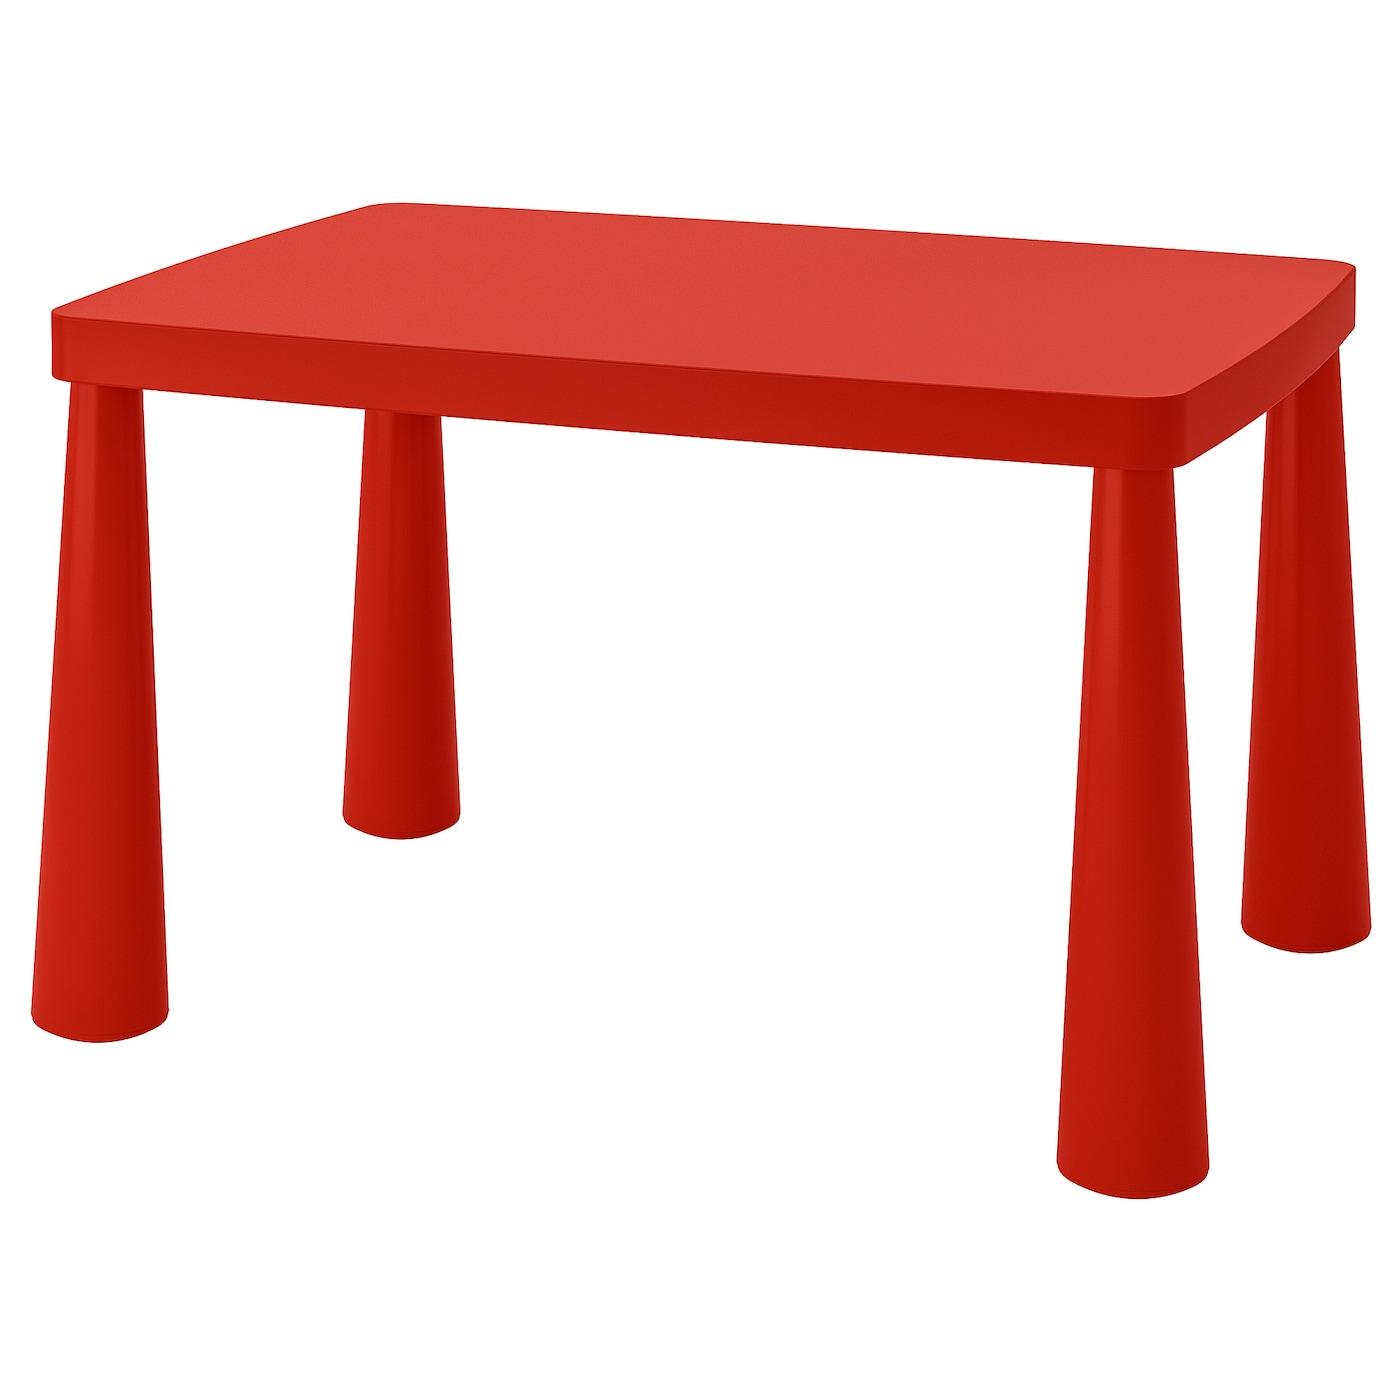 Mammut Tavolo Per Bambini Da Interno Esterno Rosso 77x55 Cm Ikea It